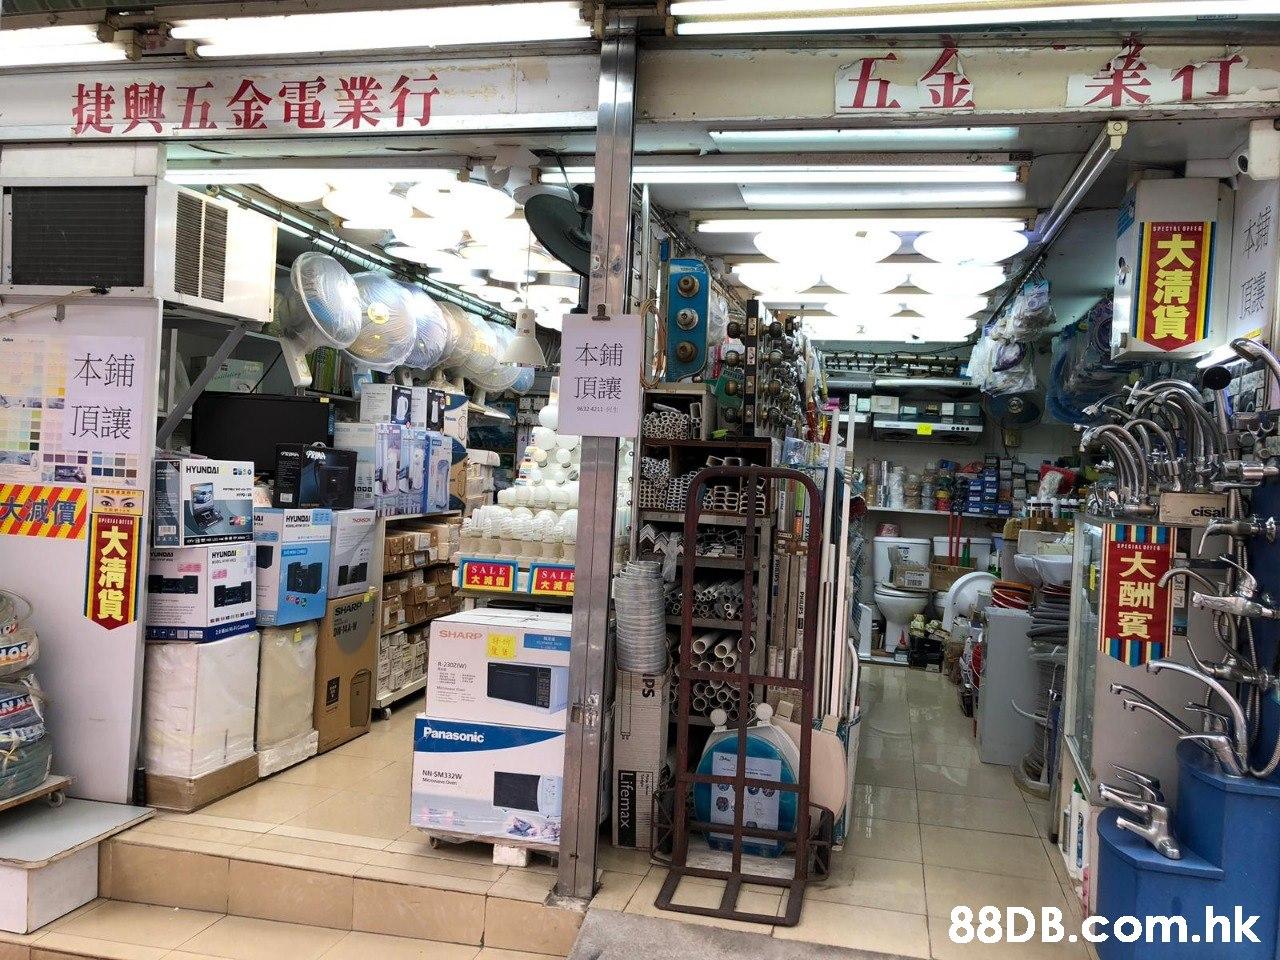 捷興五金電業行 本鋪 頂讓 本鋪 頂讓 HYUNDAI cisal SALE SHARP SO Panasonic 88DB.Com.hk 大清貨. mm  Building,Retail,